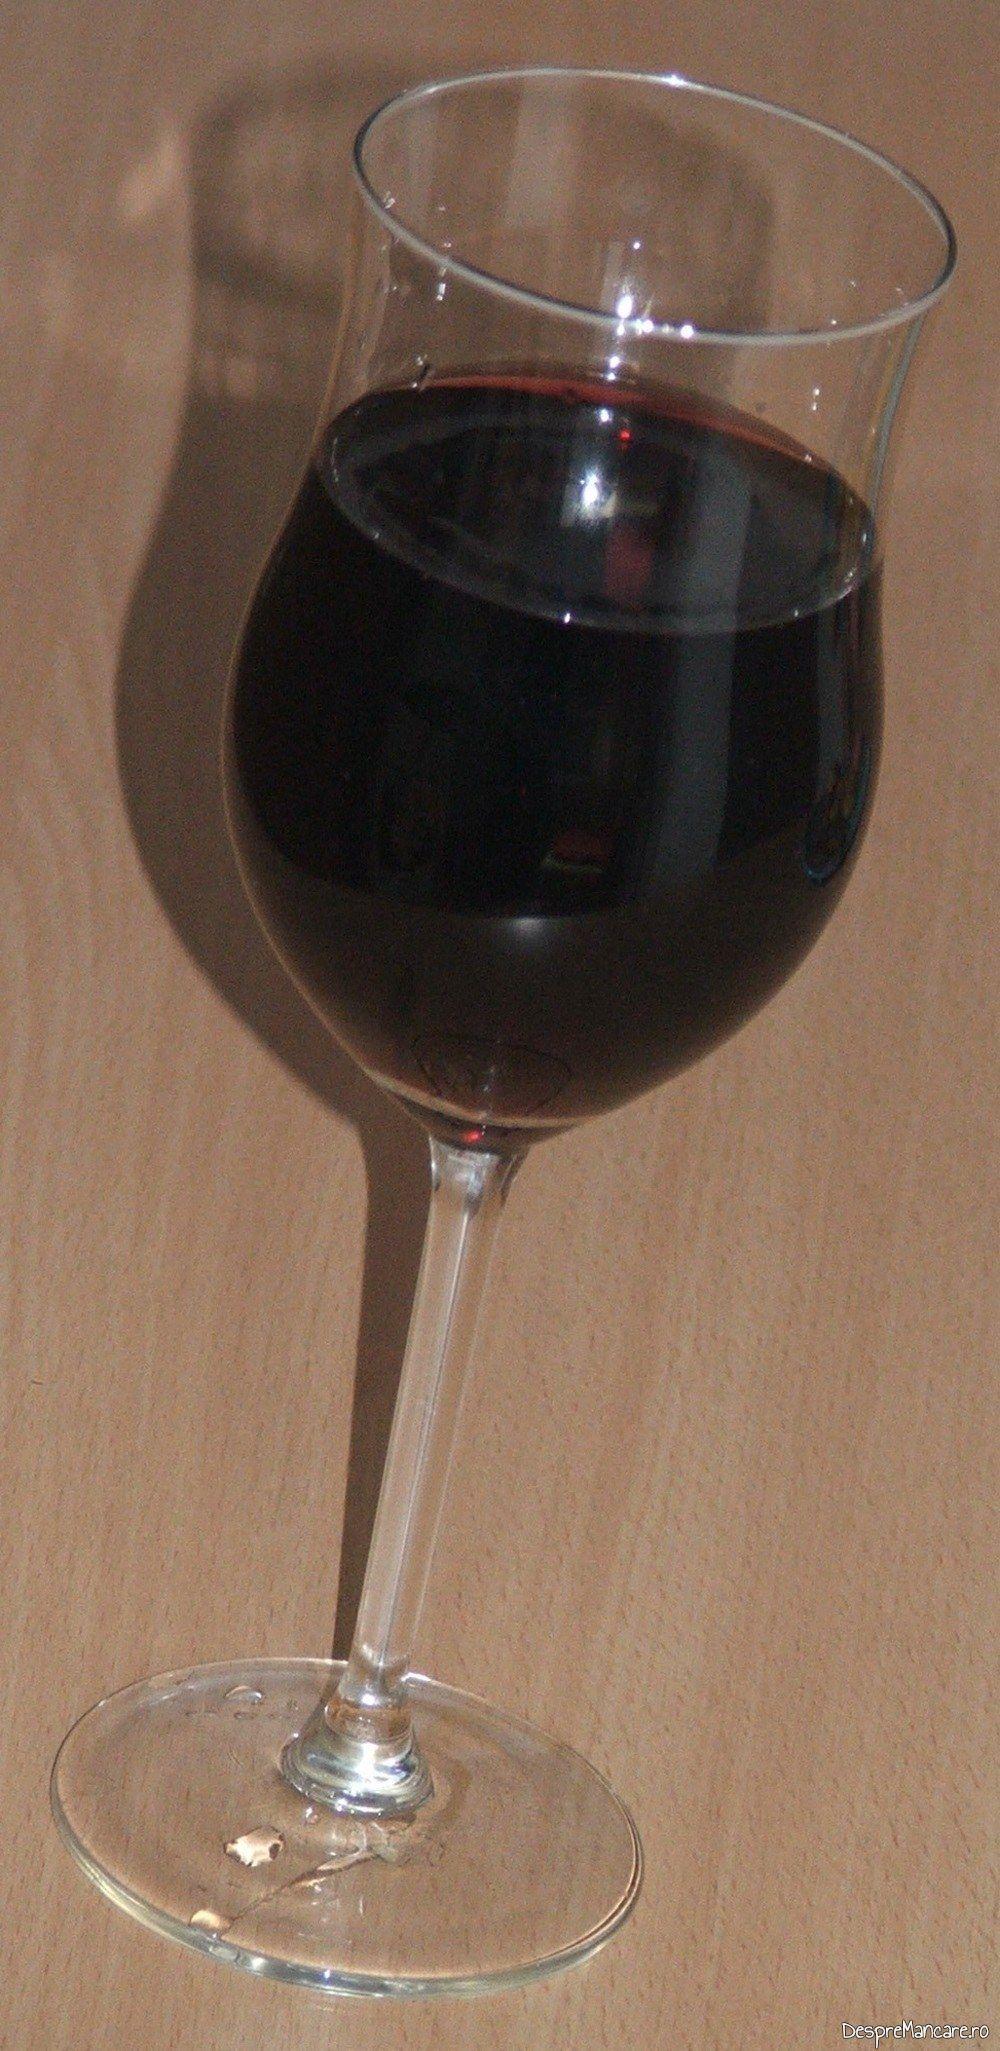 Vinul casei rosu, din struguri servit la ficat de vitel invelit in sunca, la gratar.